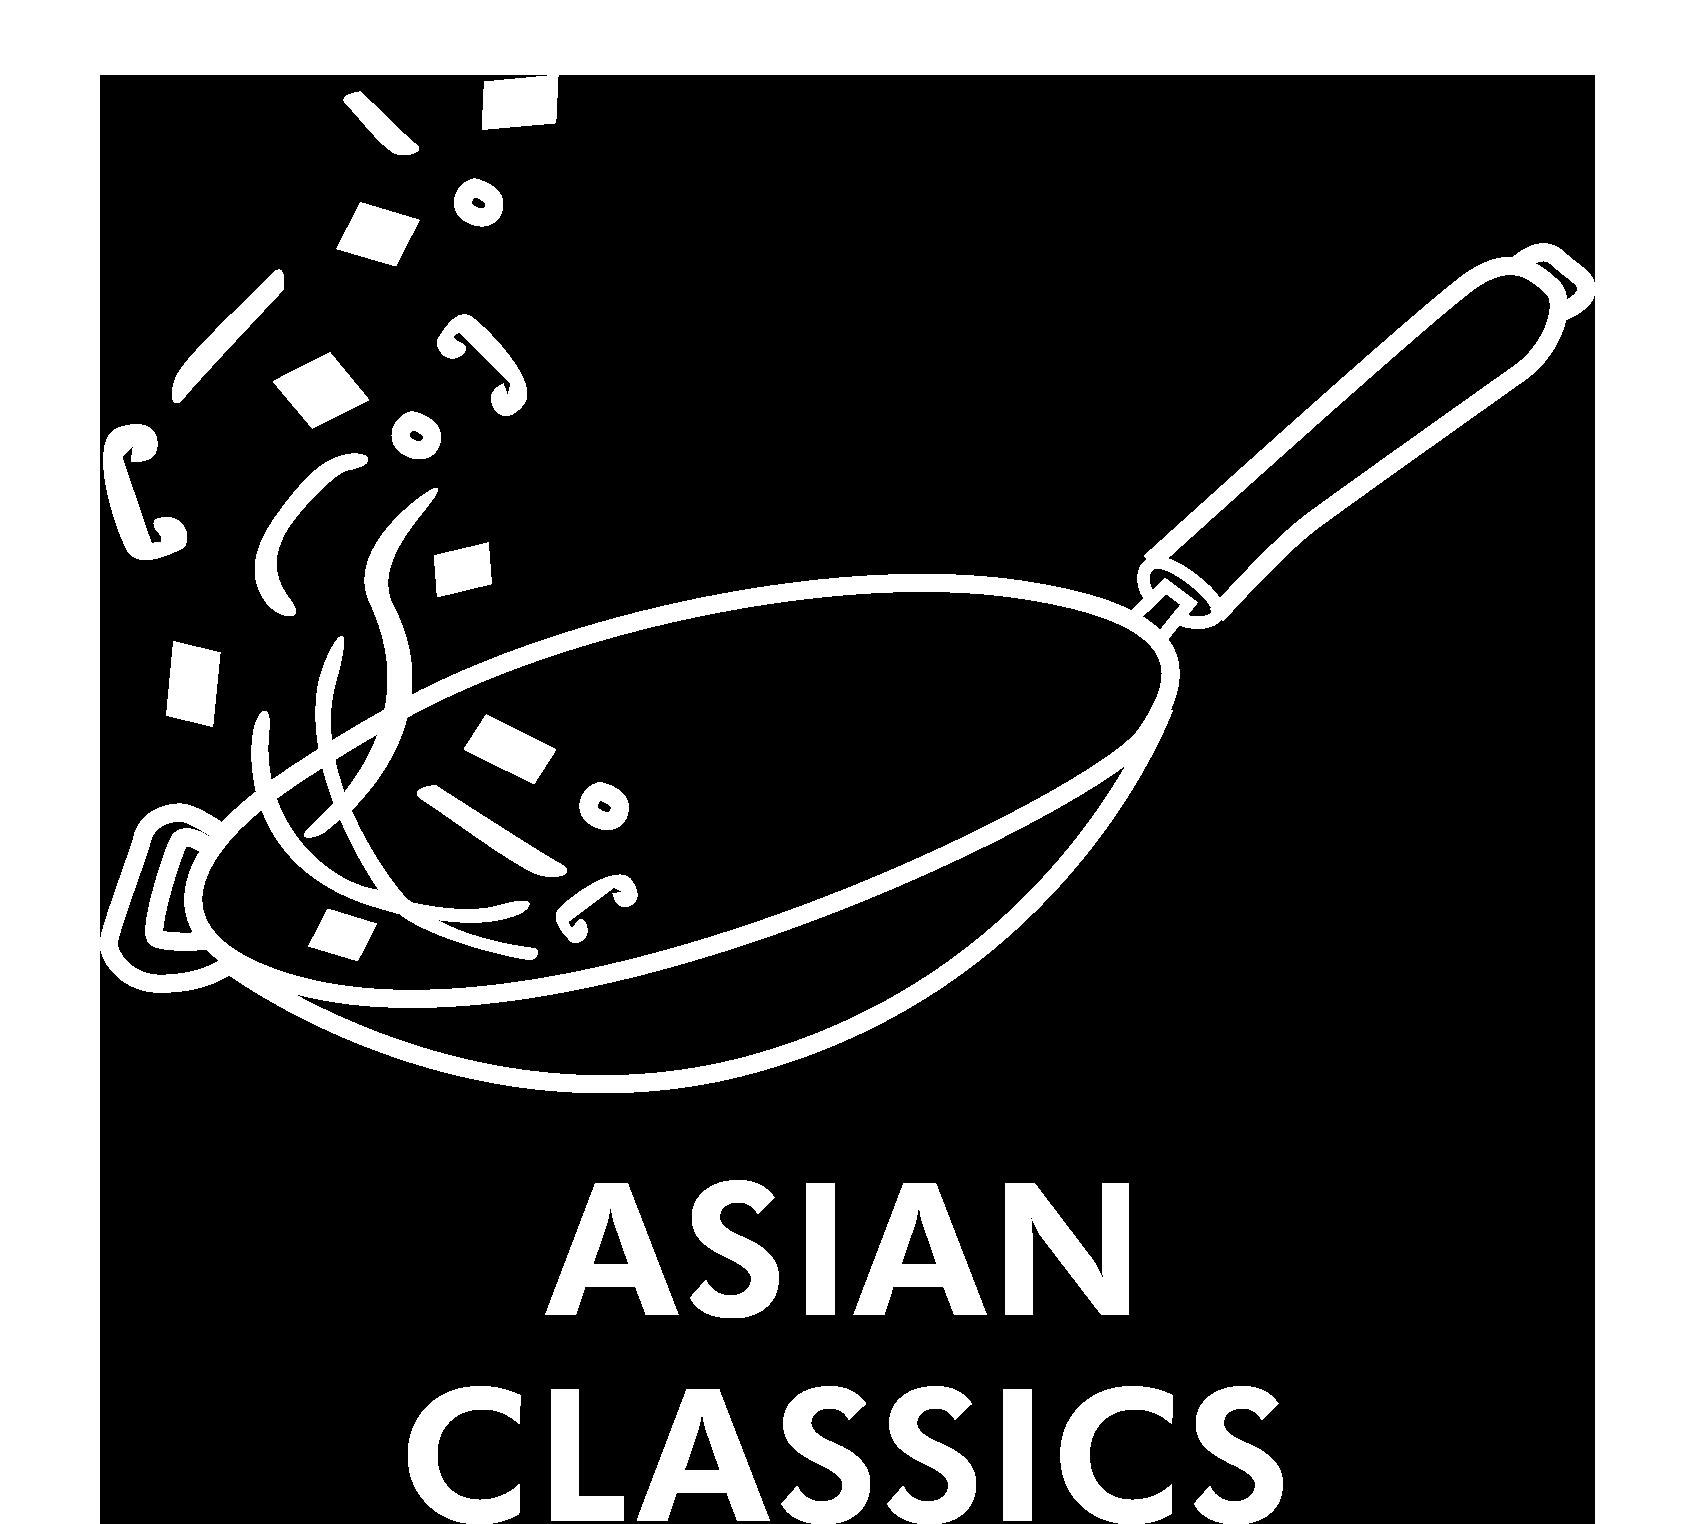 asianclassics.png